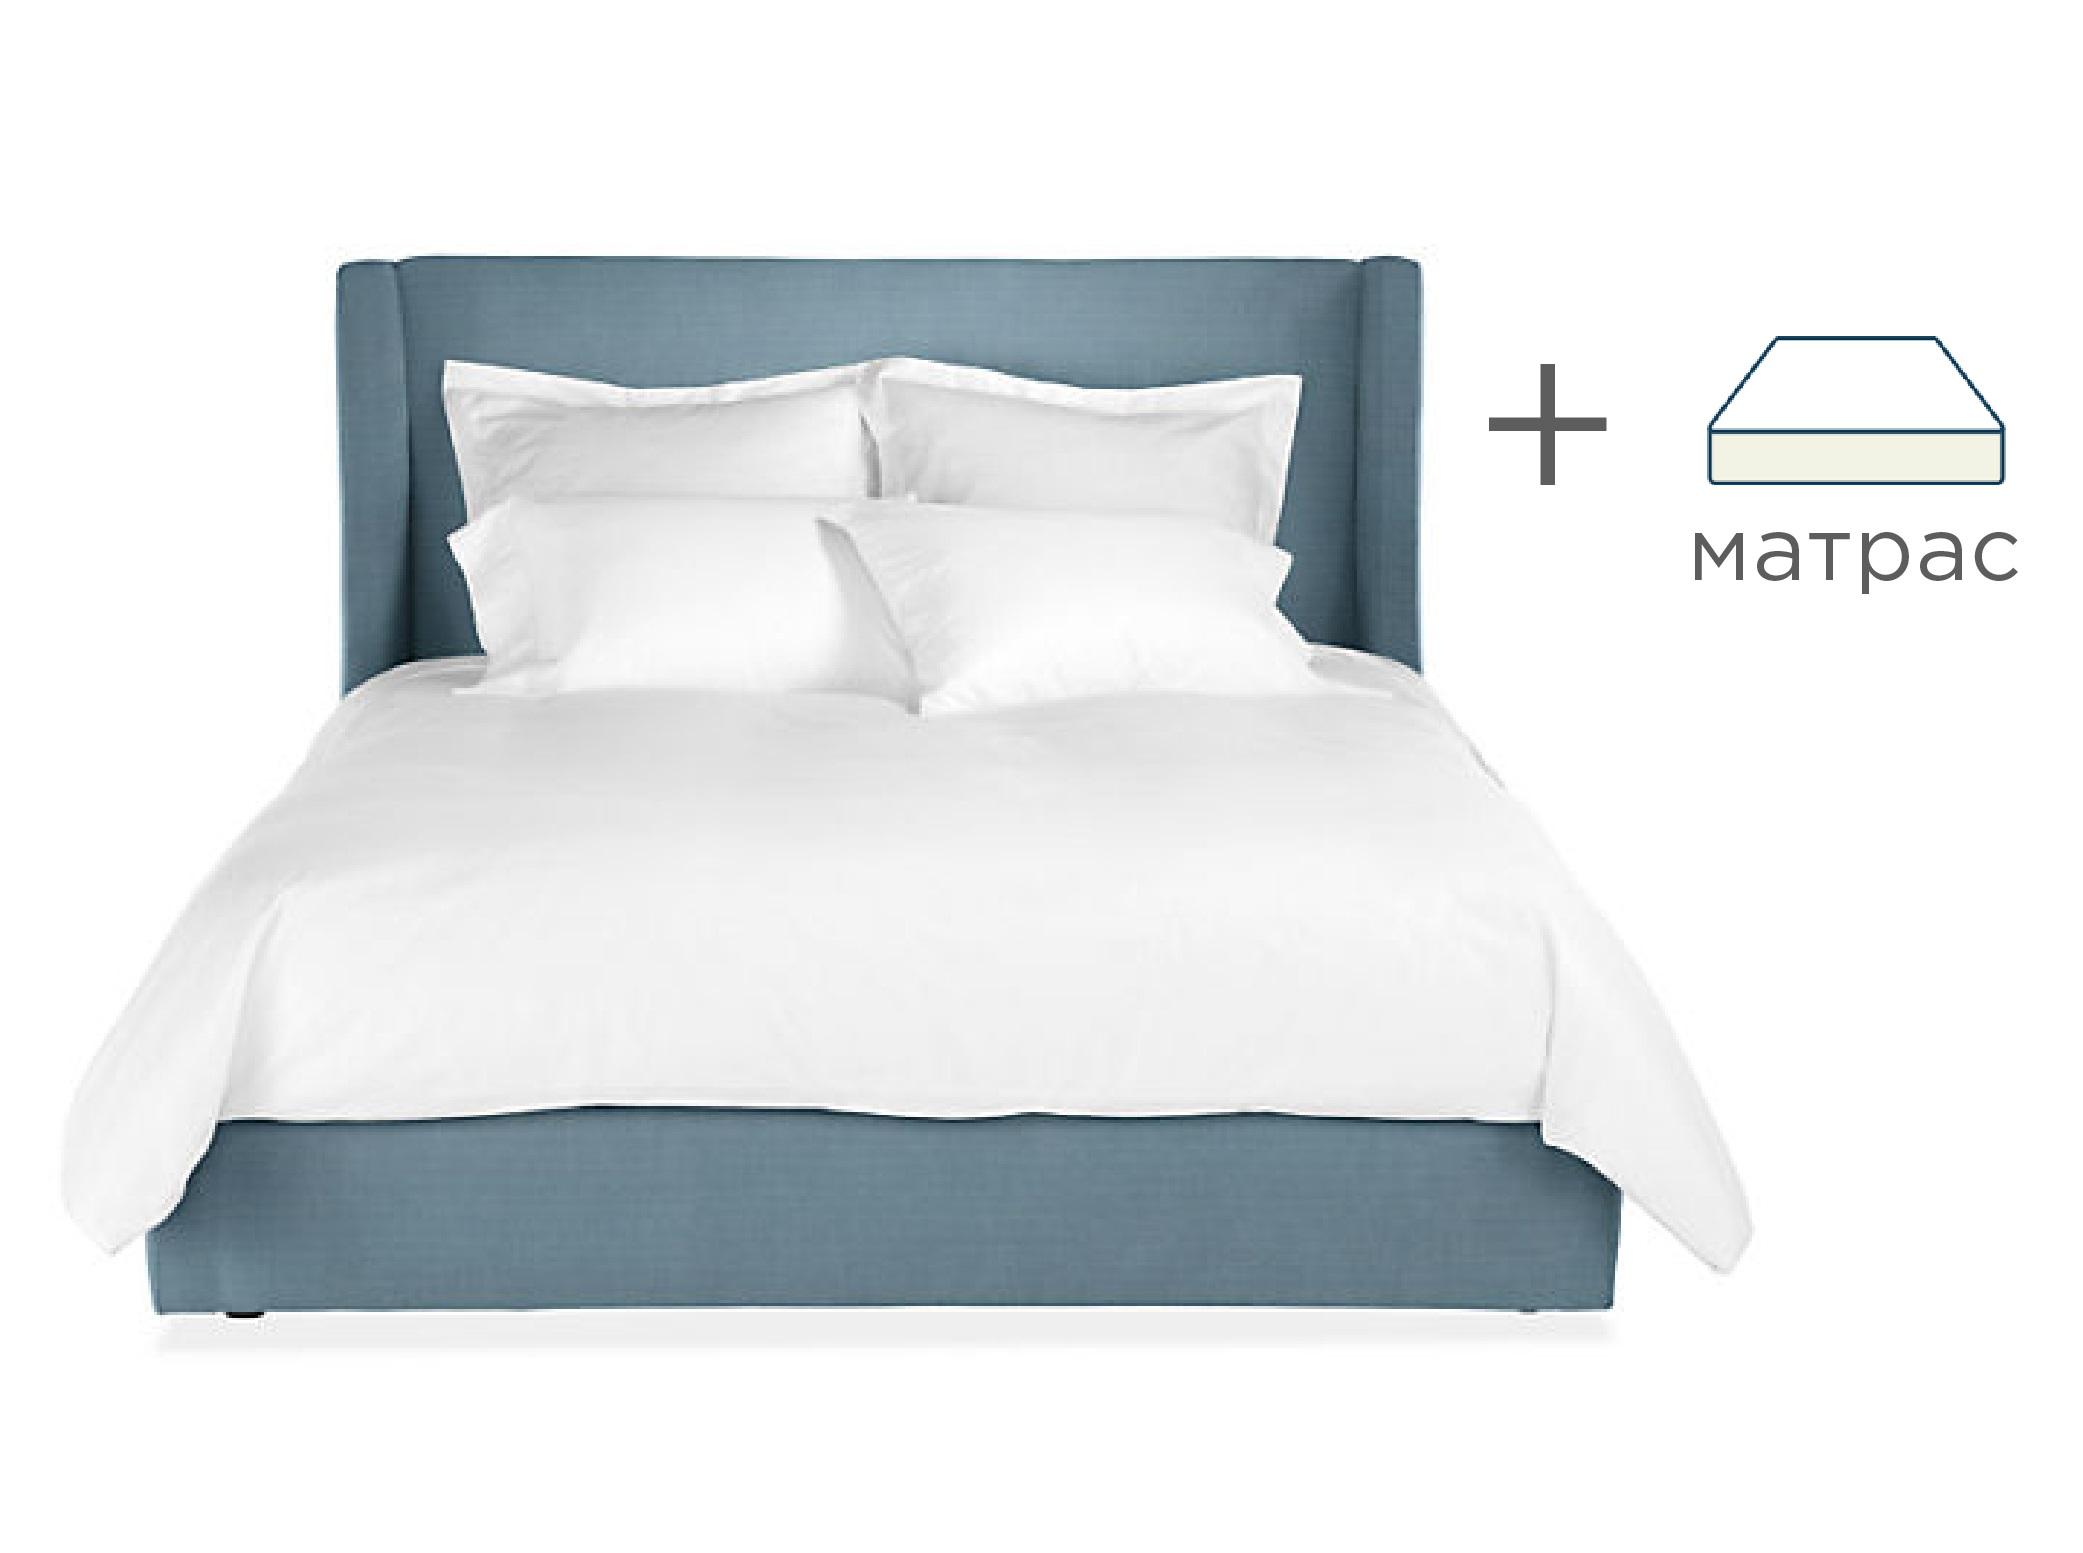 Кровать North End с матрасомКровати + матрасы<br>&amp;lt;div&amp;gt;Выгодная скидка при покупке комплекта!&amp;lt;br&amp;gt;&amp;lt;/div&amp;gt;&amp;lt;div&amp;gt;Кровать в &amp;amp;nbsp;стиле лофт вместе с ортопедическим матрасом &amp;quot;Ascona Terapia Immuno&amp;quot;.&amp;lt;/div&amp;gt;&amp;lt;div&amp;gt;&amp;lt;br&amp;gt;&amp;lt;/div&amp;gt;&amp;lt;div&amp;gt;Характеристики кровати:&amp;lt;/div&amp;gt;&amp;lt;div&amp;gt;Размер спального места: 160*200&amp;lt;/div&amp;gt;&amp;lt;div&amp;gt;Материалы: бук, текстиль&amp;lt;/div&amp;gt;&amp;lt;div&amp;gt;Варианты исполнения: более 200 цветов&amp;lt;/div&amp;gt;&amp;lt;div&amp;gt;&amp;lt;br&amp;gt;&amp;lt;/div&amp;gt;&amp;lt;div&amp;gt;Характеристики матраса:&amp;lt;/div&amp;gt;&amp;lt;div&amp;gt;Комфортный трикотаж с антибактериальной пропиткой с ионами Ag+.&amp;lt;/div&amp;gt;&amp;lt;div&amp;gt;Латекс.&amp;lt;/div&amp;gt;&amp;lt;div&amp;gt;Кокосовая плита.&amp;lt;/div&amp;gt;&amp;lt;div&amp;gt;5-ти зональный блок независимых пружин «Песочные часы Extra».&amp;lt;/div&amp;gt;&amp;lt;div&amp;gt;Короб по периметру из пены Orto Foam.&amp;lt;/div&amp;gt;&amp;lt;div&amp;gt;&amp;lt;br&amp;gt;&amp;lt;/div&amp;gt;&amp;lt;a href=&amp;quot;/shop/mebel/mebel-dlya-doma/krovati/krovati-s-maygkim-izgoloviem/29702-krovat-north-end&amp;quot;&amp;gt;Купить отдельно кровать&amp;lt;/a&amp;gt;<br><br>Material: Текстиль<br>Ширина см: 220<br>Высота см: 120<br>Глубина см: 180